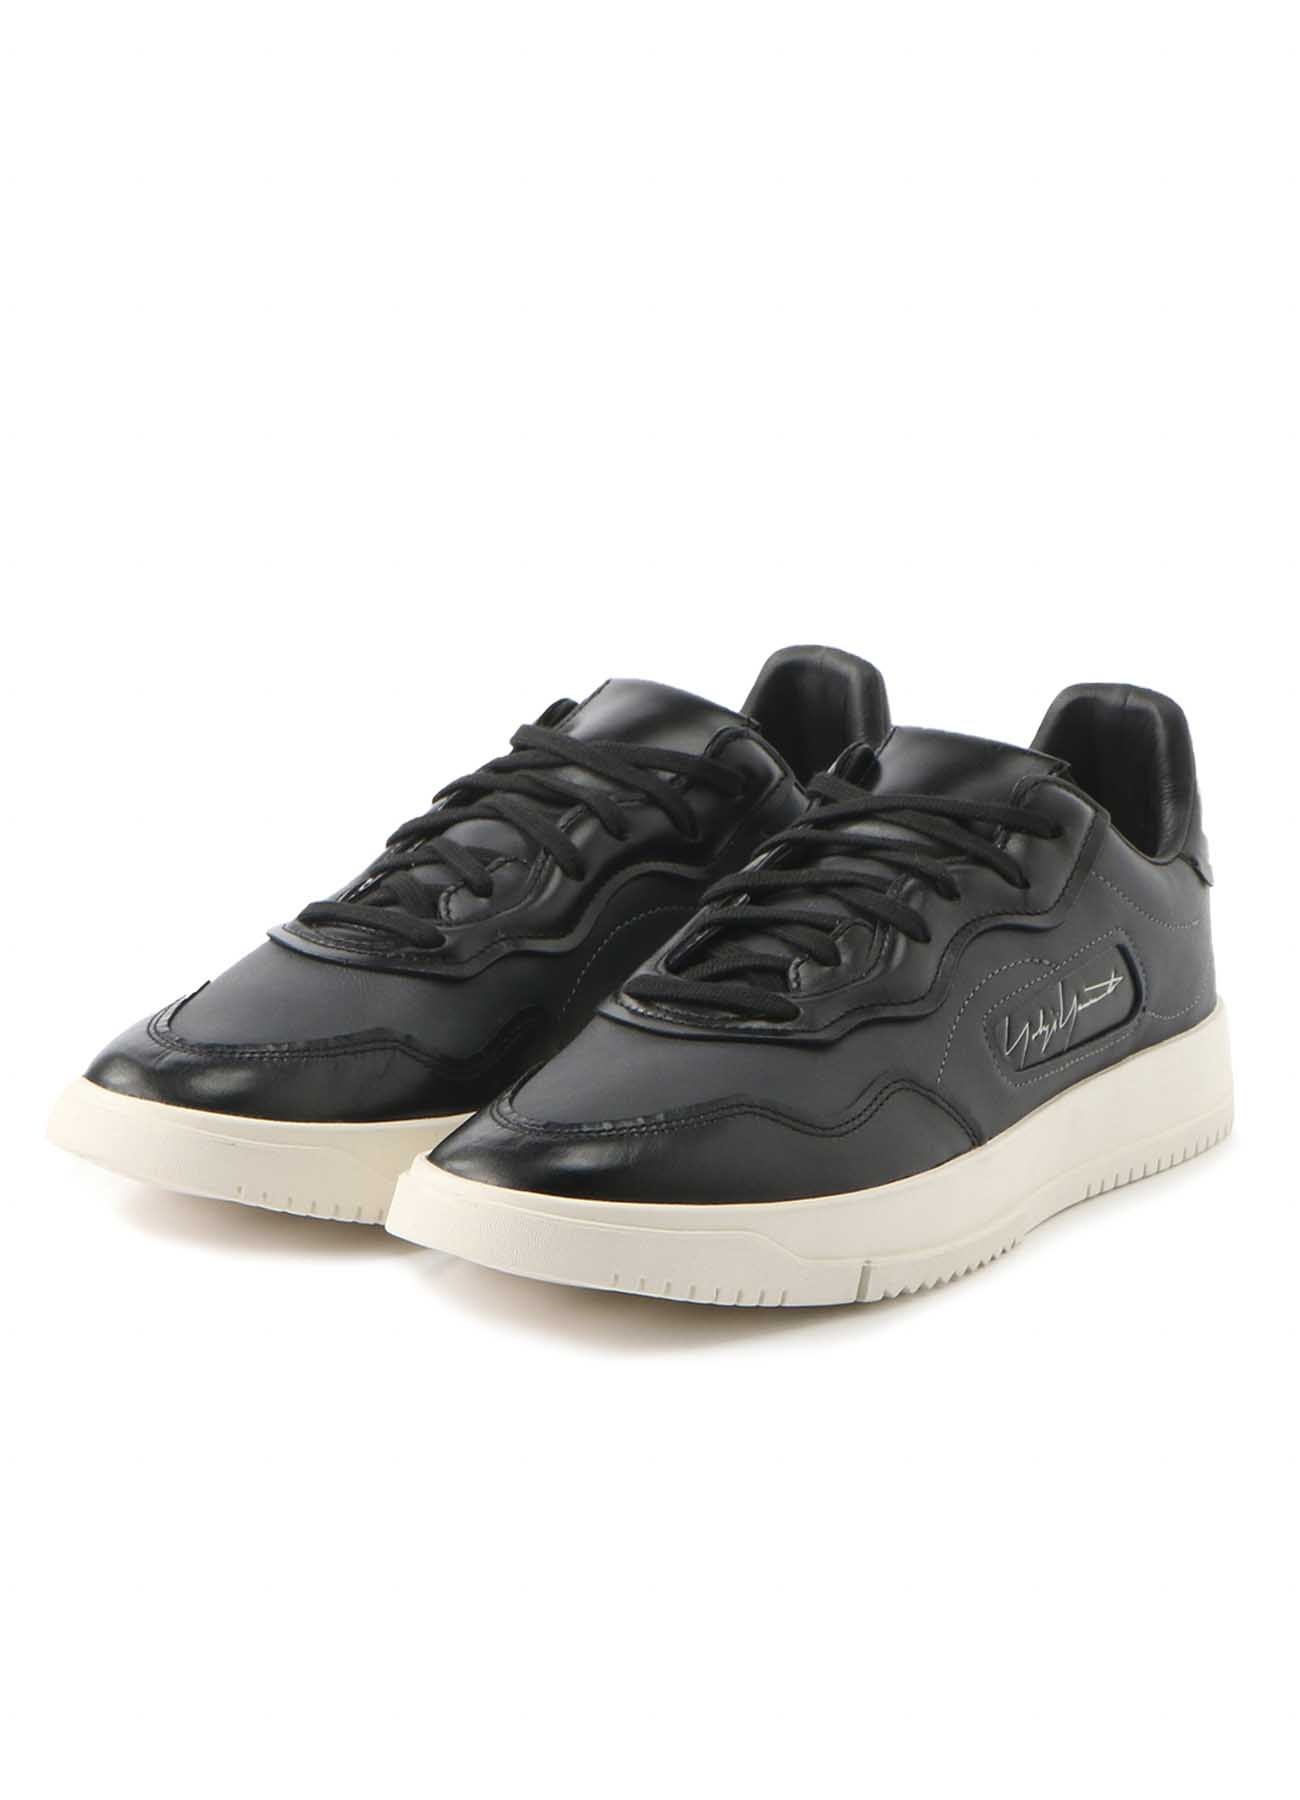 Yohji Yamamoto × adidas SC PREMIERE Black